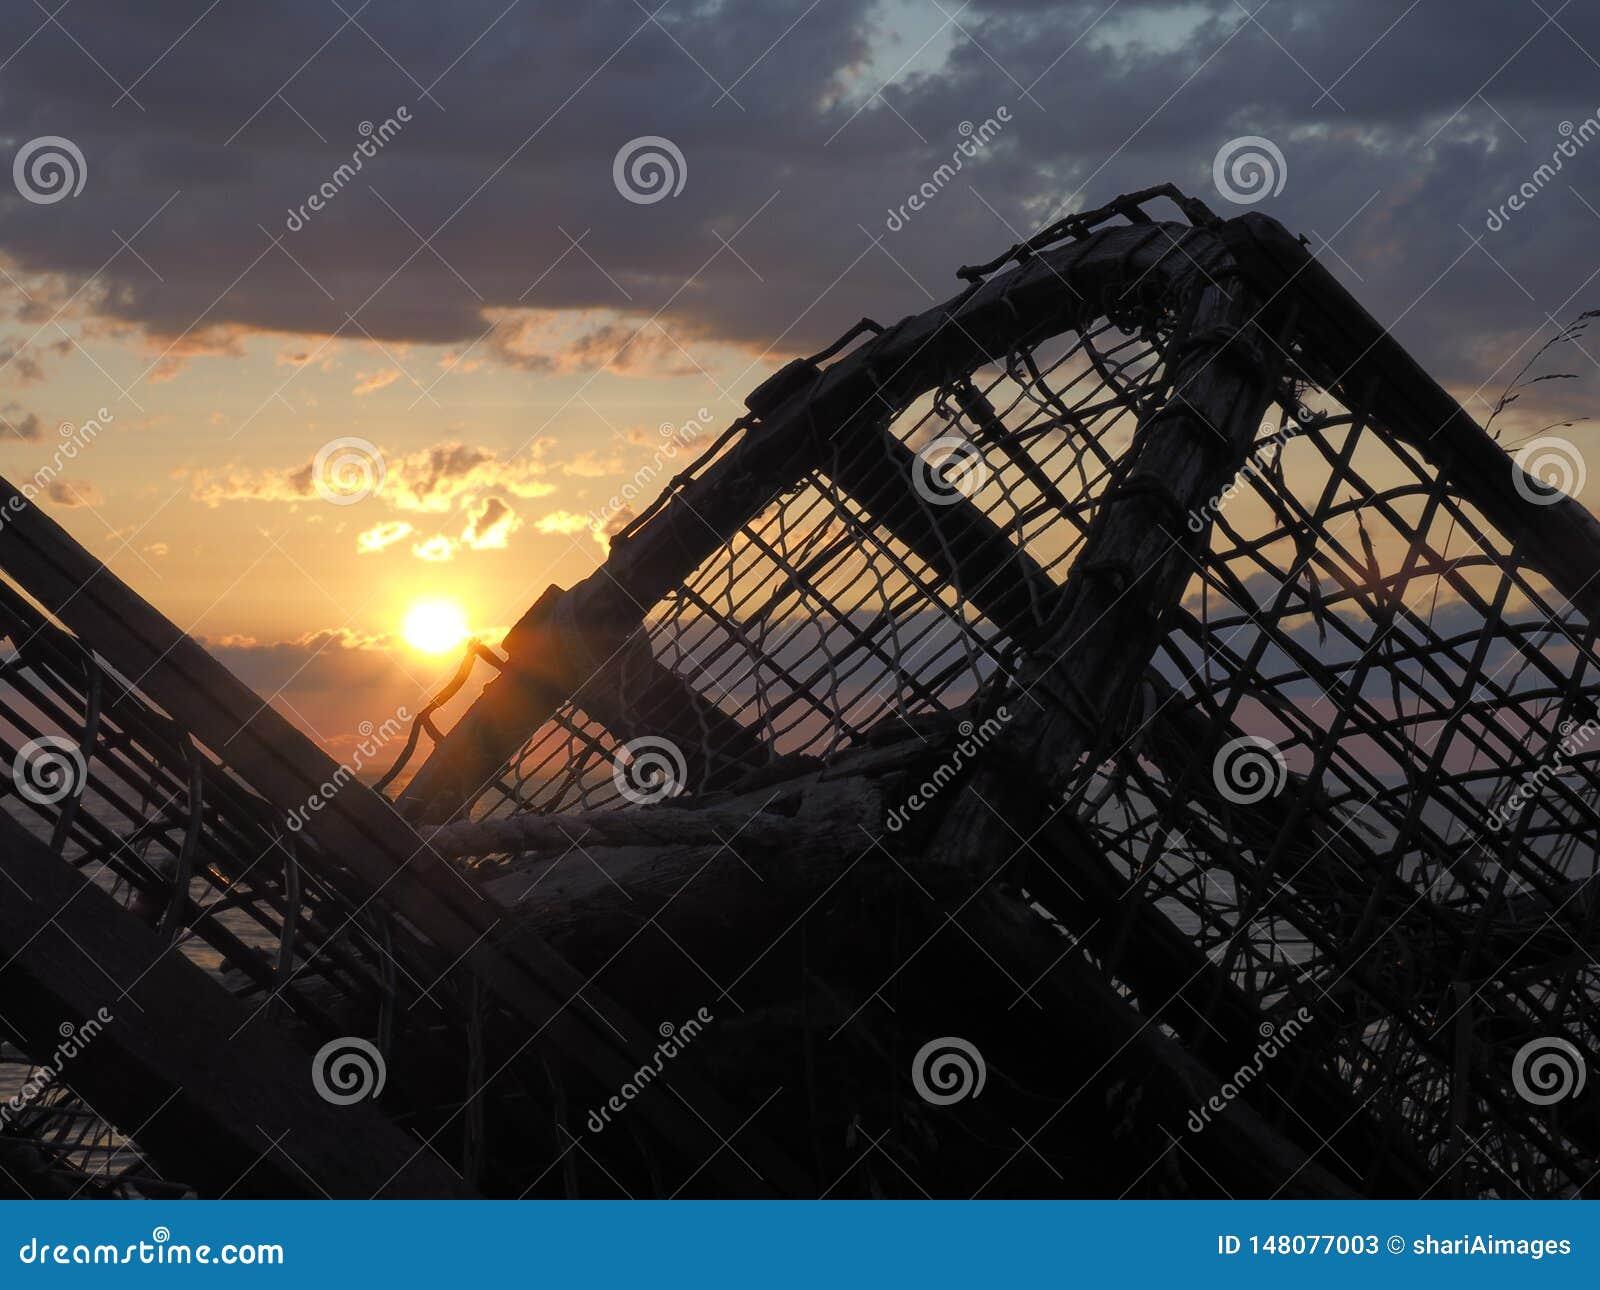 Bewölkter Sonnenuntergang mit Hummerfallen im Schattenbild